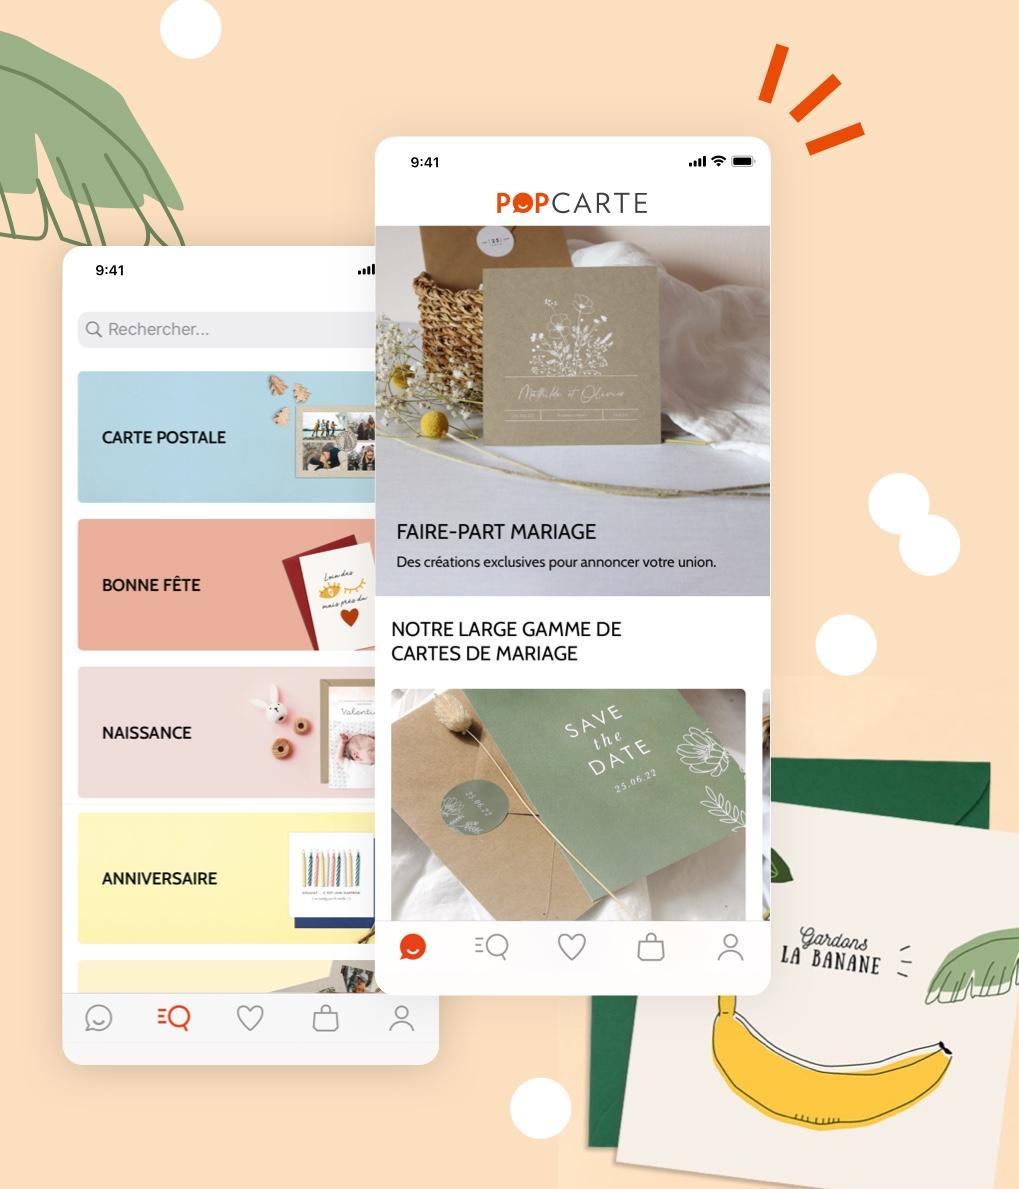 Popcarte, une application conçue et créé par I SEE U